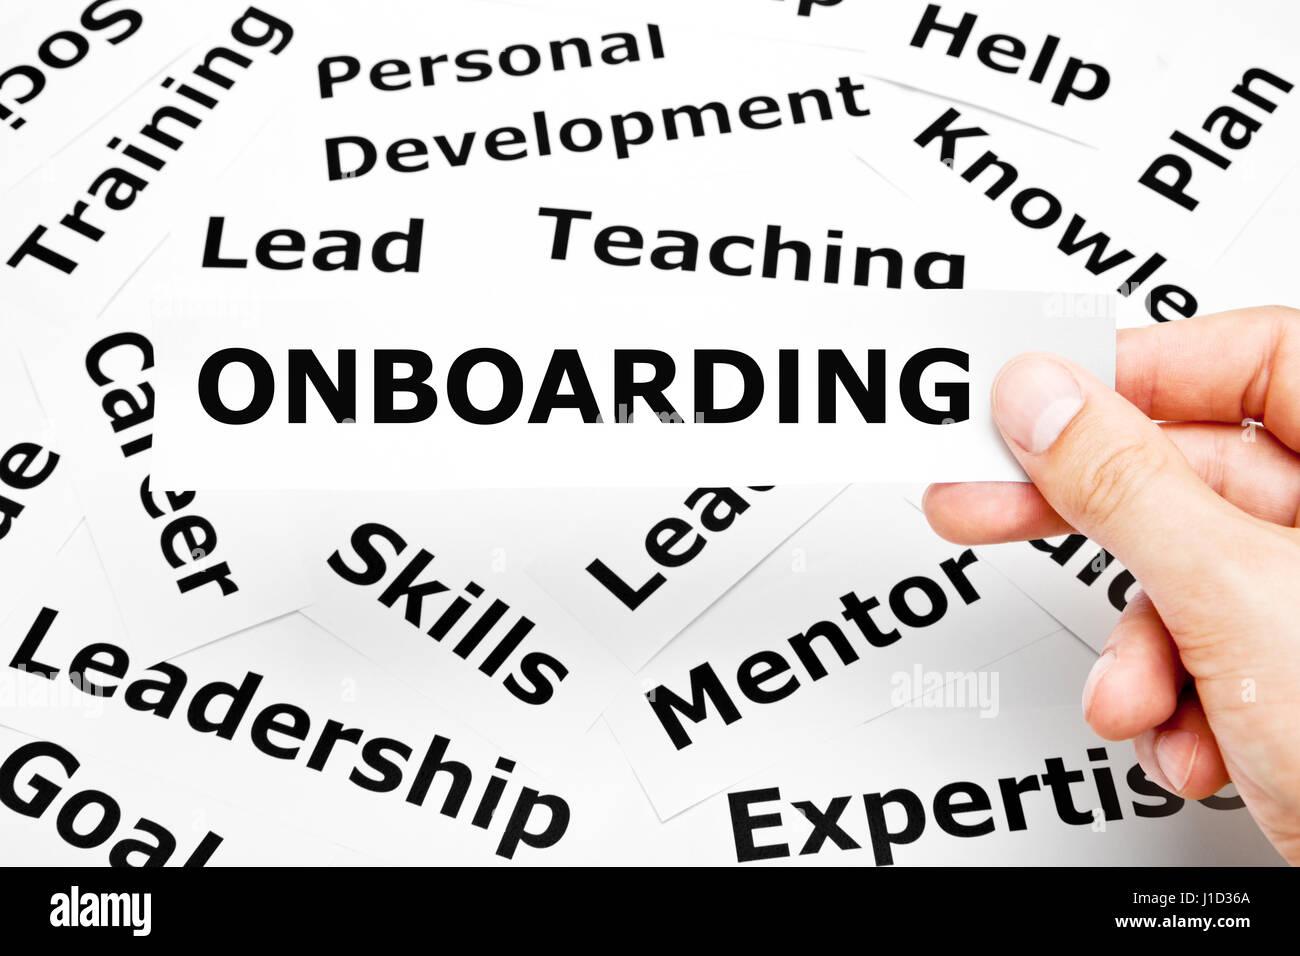 Mano che tiene un pezzo di carta con la parola Onboarding su di essa al di sopra di altre parole correlate sullo Immagini Stock